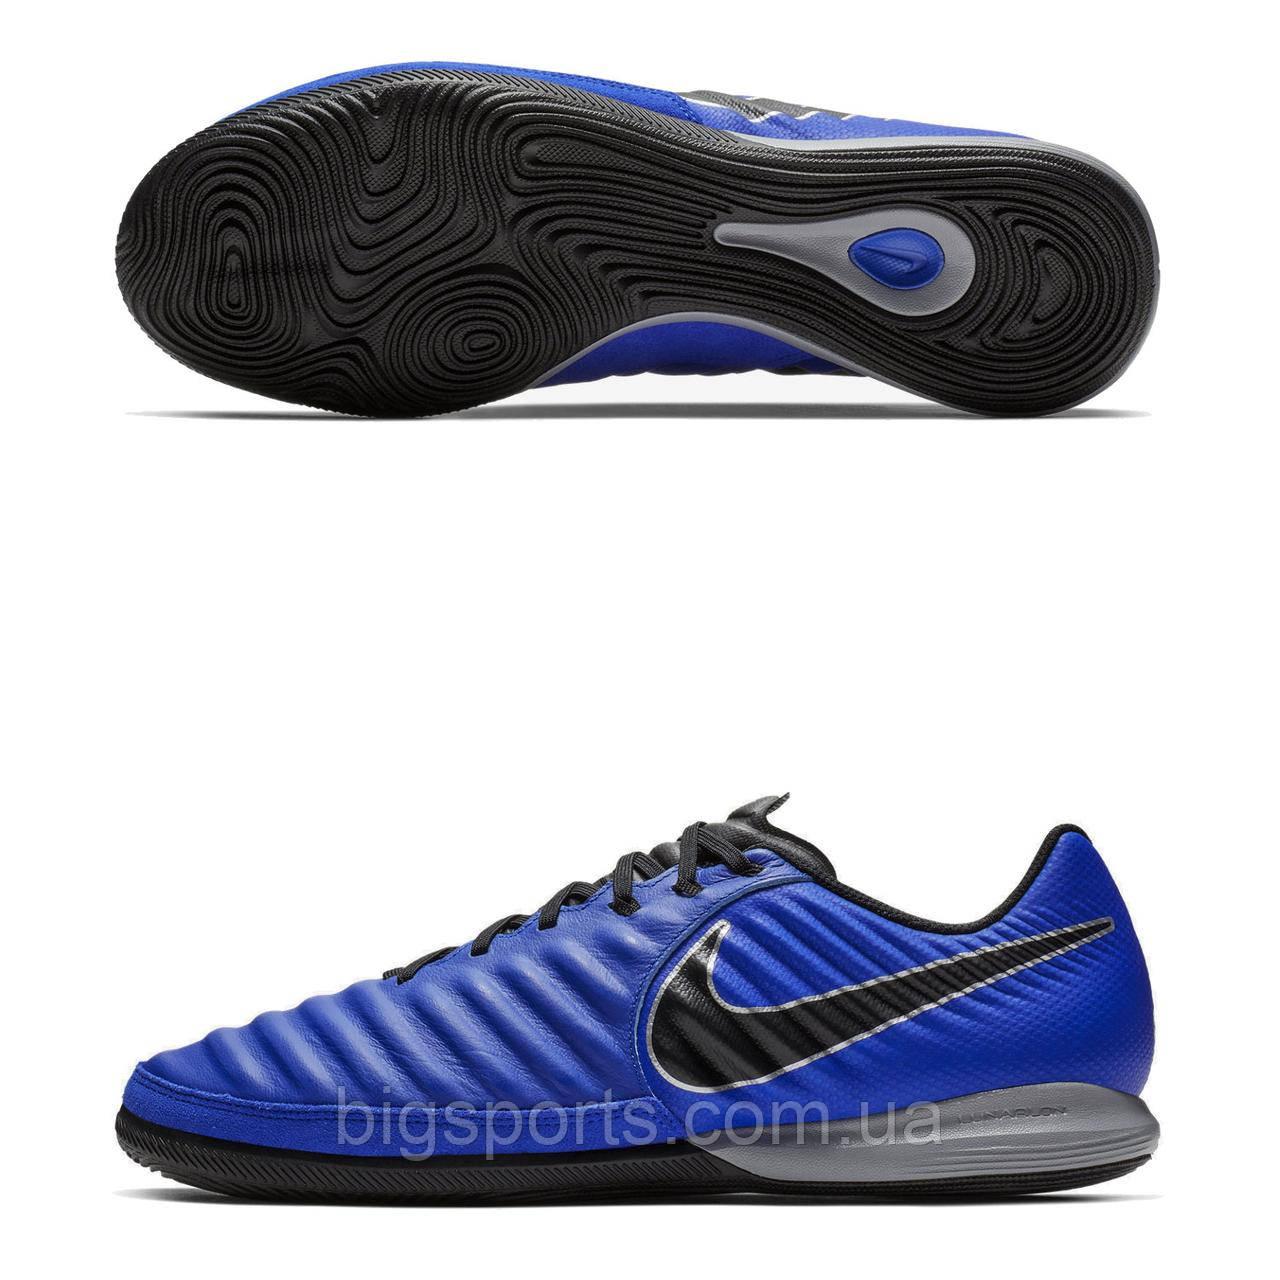 Бутсы футбольные для игры в зале муж. Nike Lunar LegendX VII Pro IC (арт. AH7246-400)